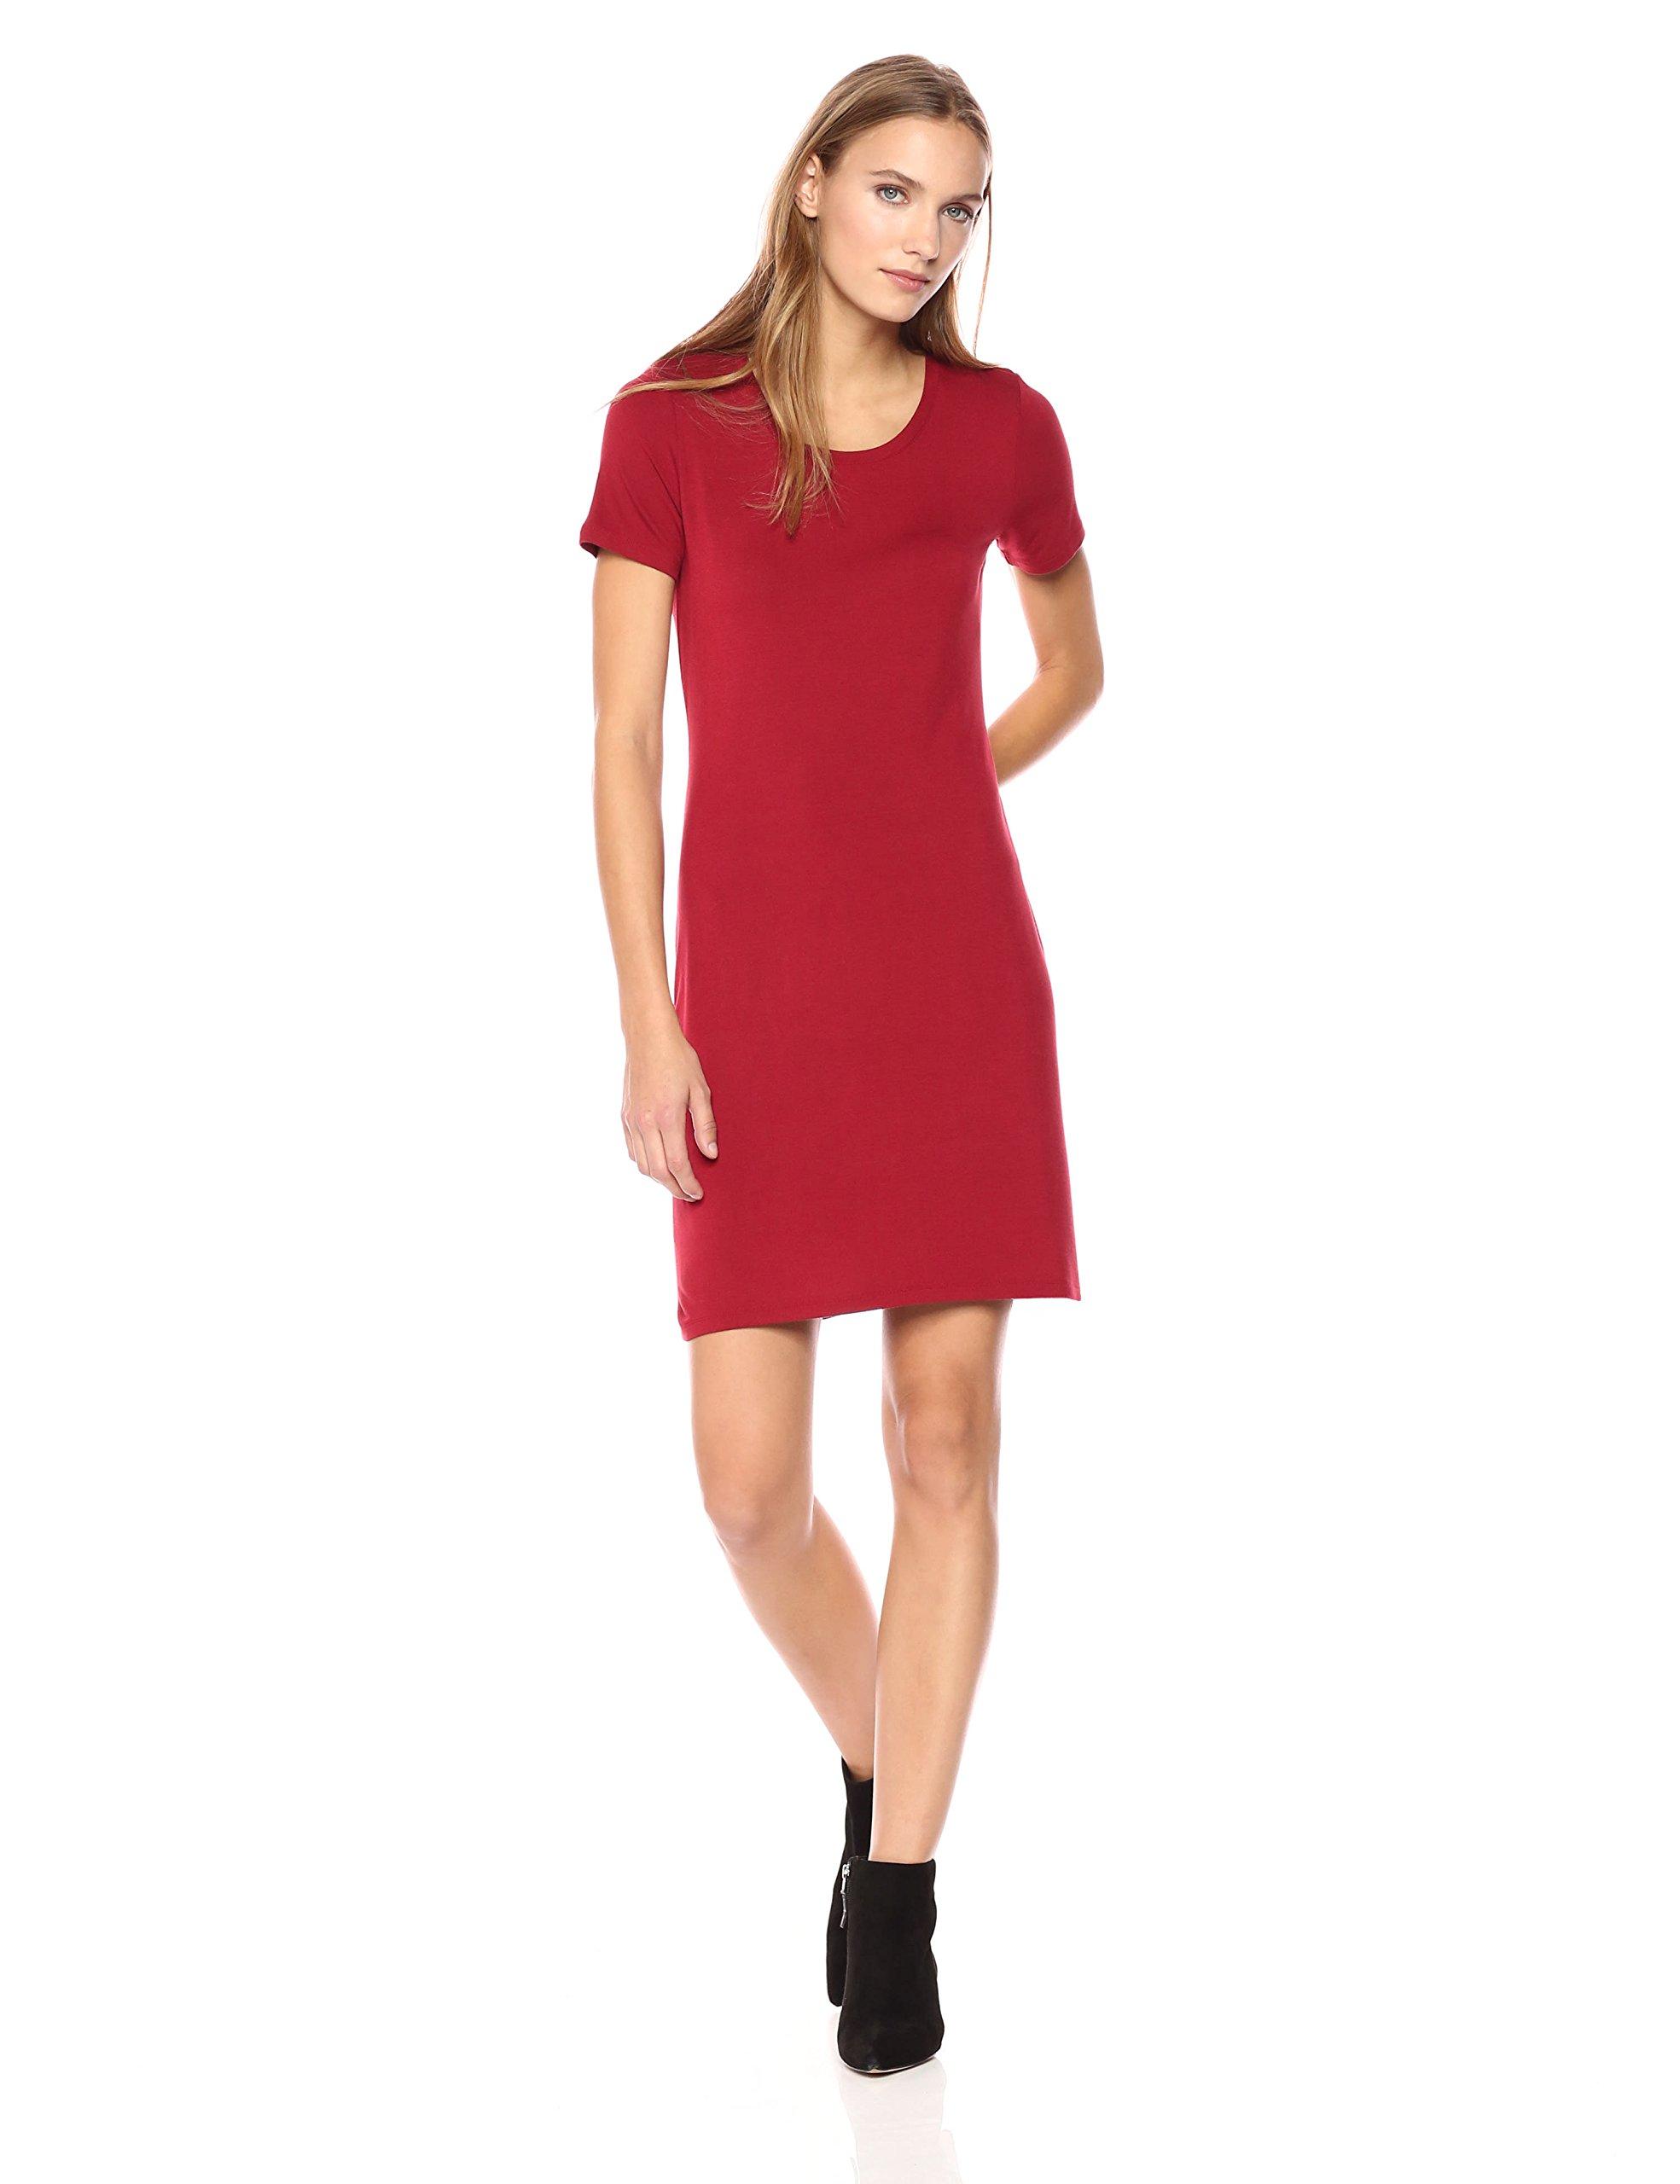 Daily Ritual Women's Jersey Short-Sleeve Scoop Neck T-Shirt Dress, M, Deep Red